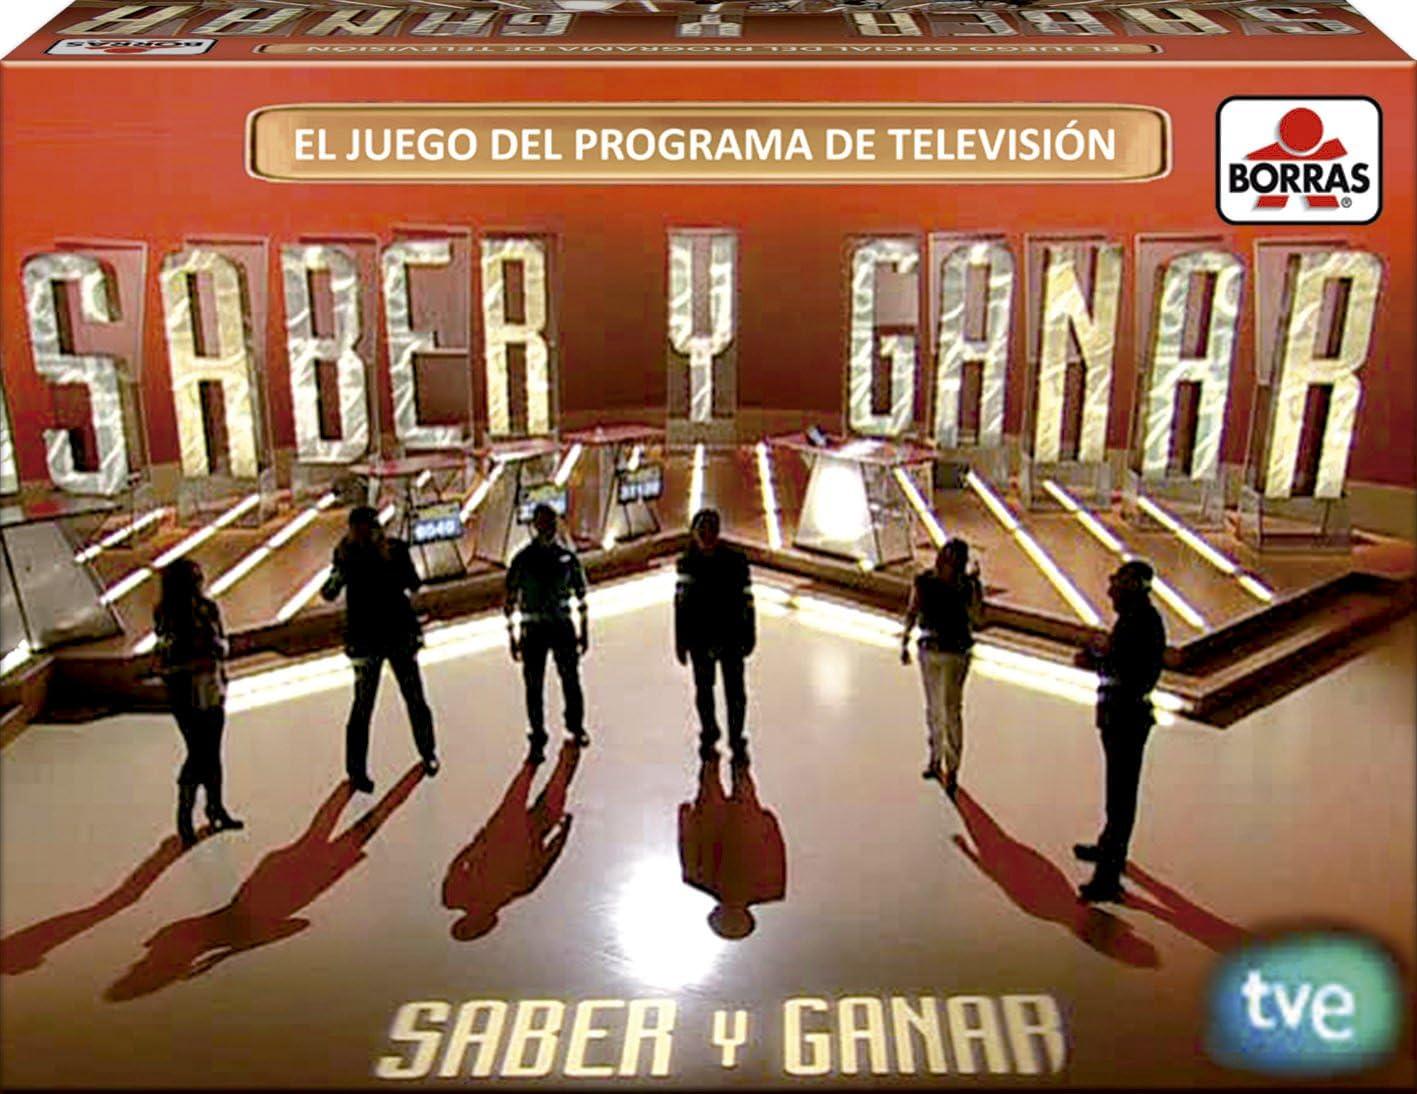 Educa Borrás - Juego Saber y Ganar (15951): Amazon.es: Juguetes y juegos